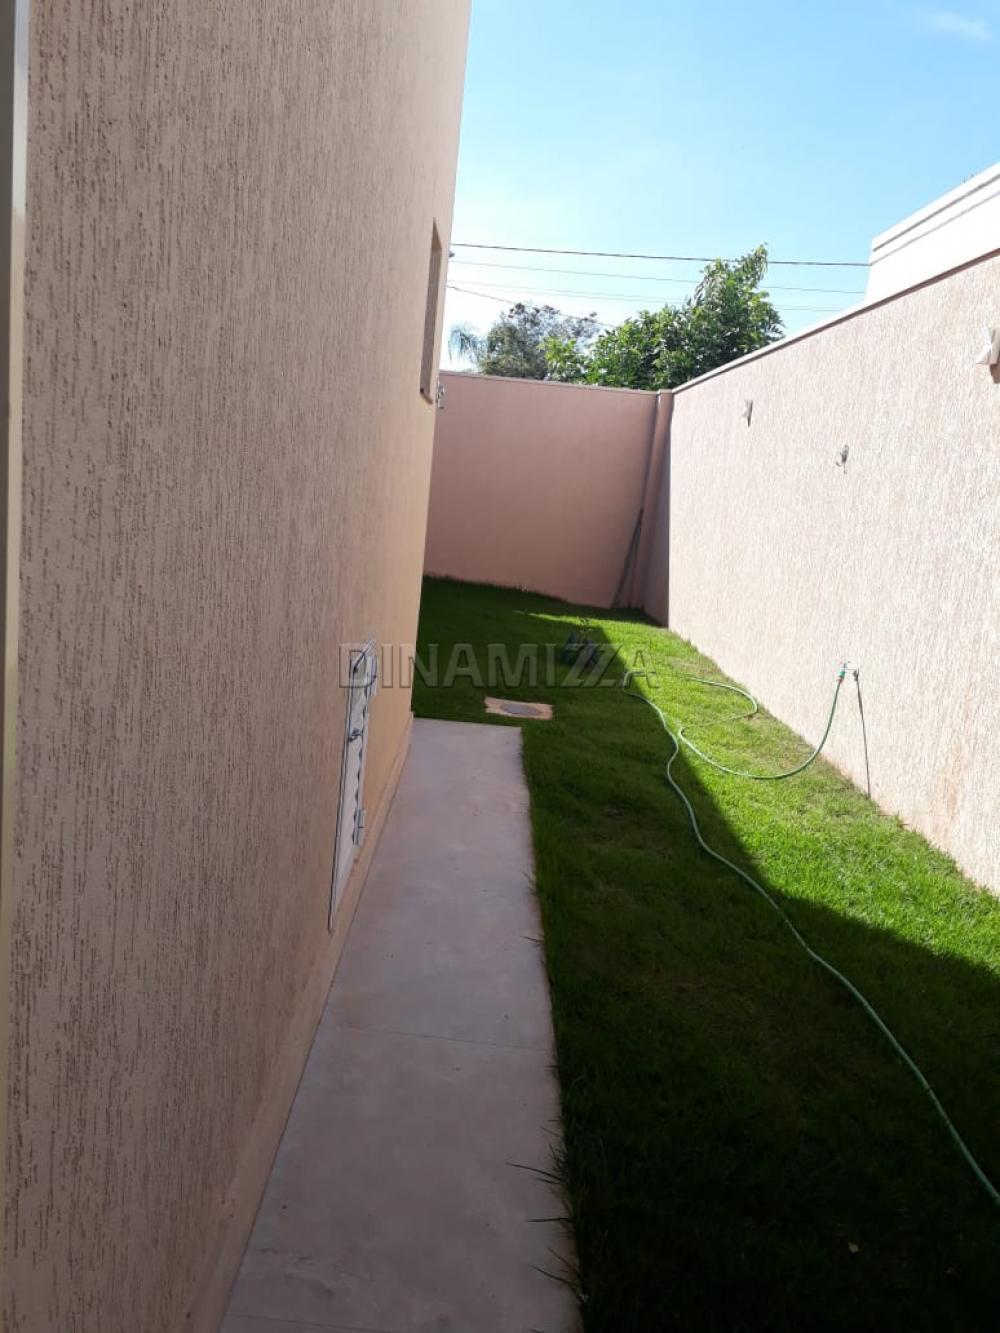 Comprar Casa / Padrão em Condomínio em Uberaba R$ 1.400.000,00 - Foto 4